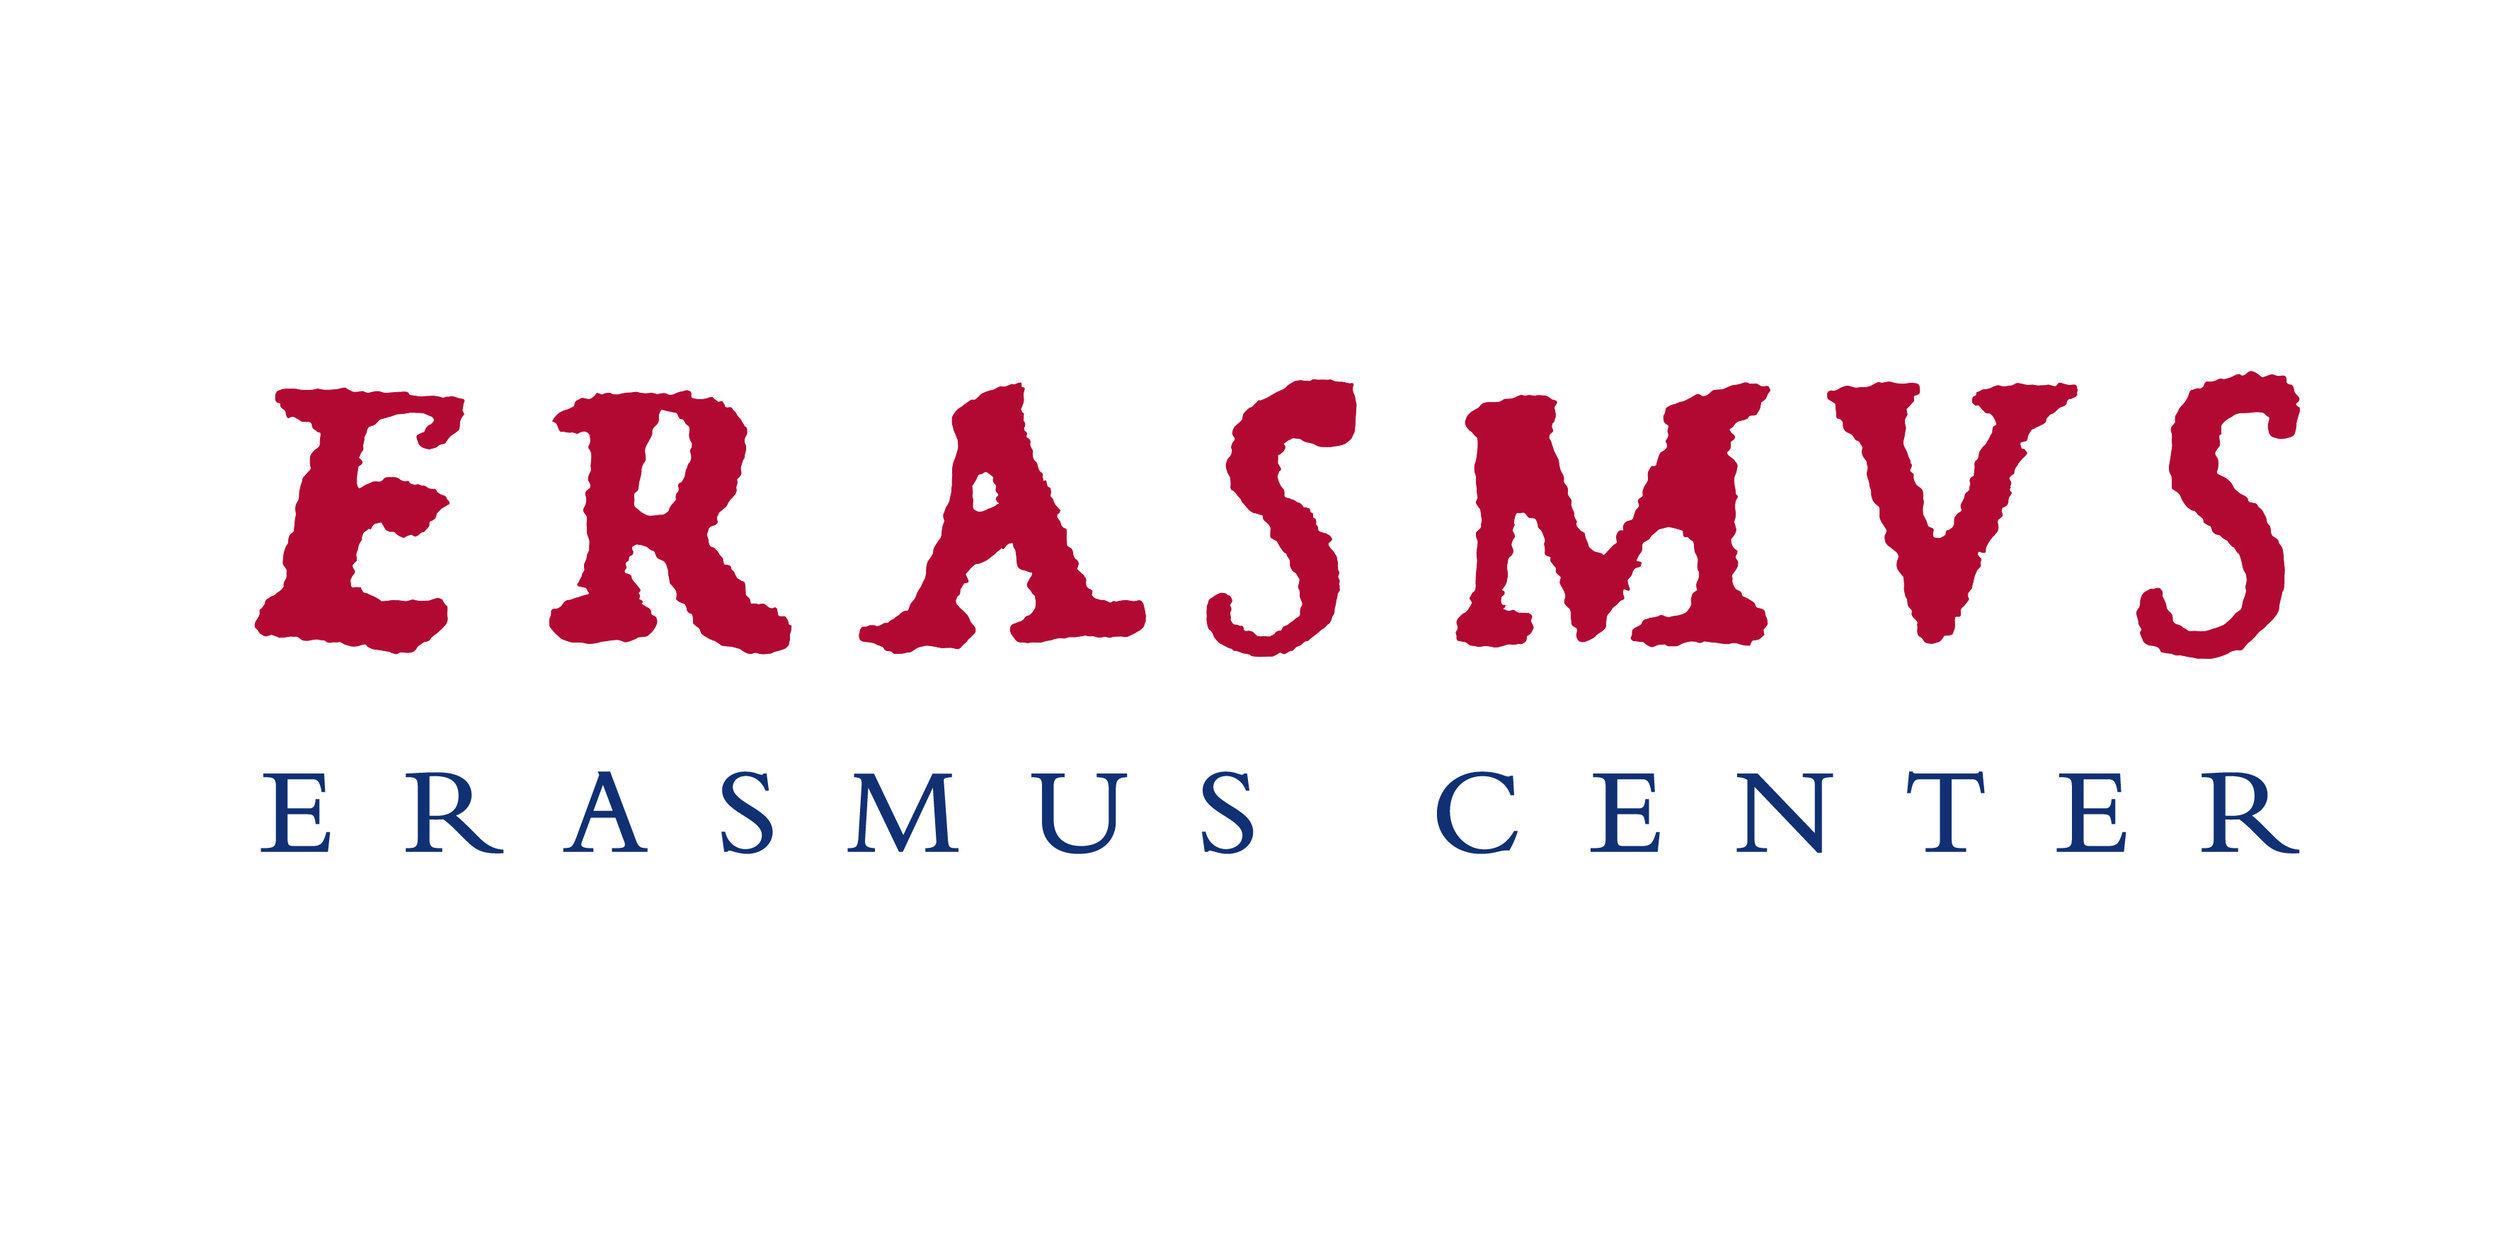 Erasmus Center